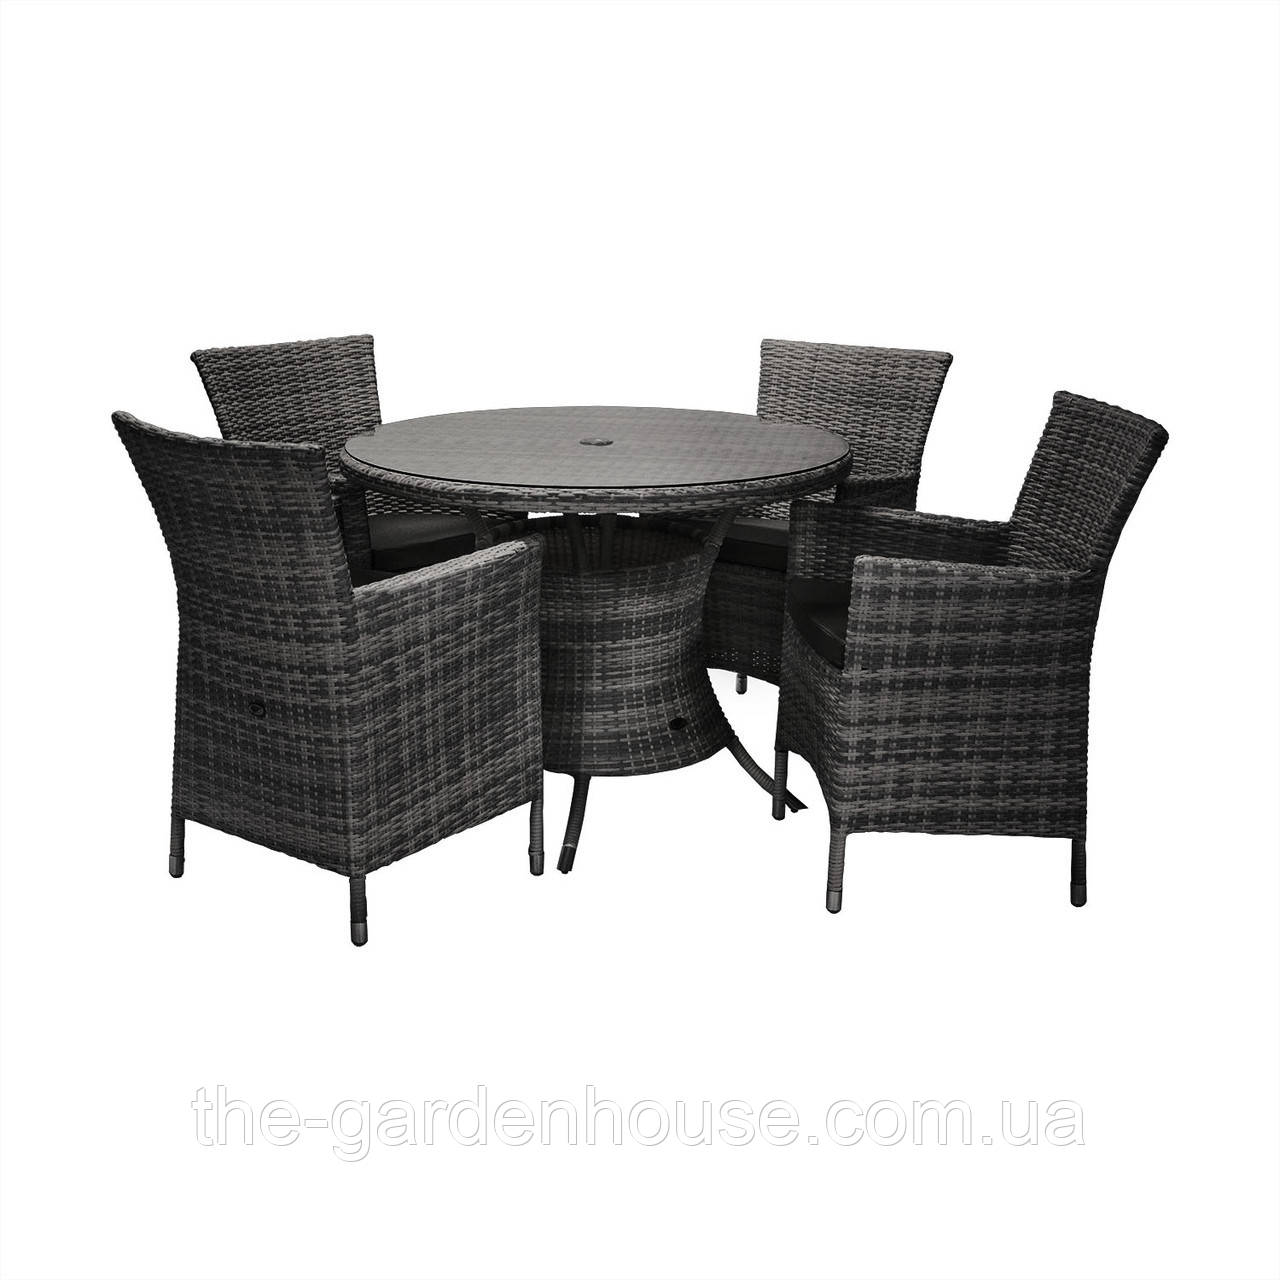 Обеденный комплект Викер из искусственного ротанга: стол 100 см и 4 кресла черный